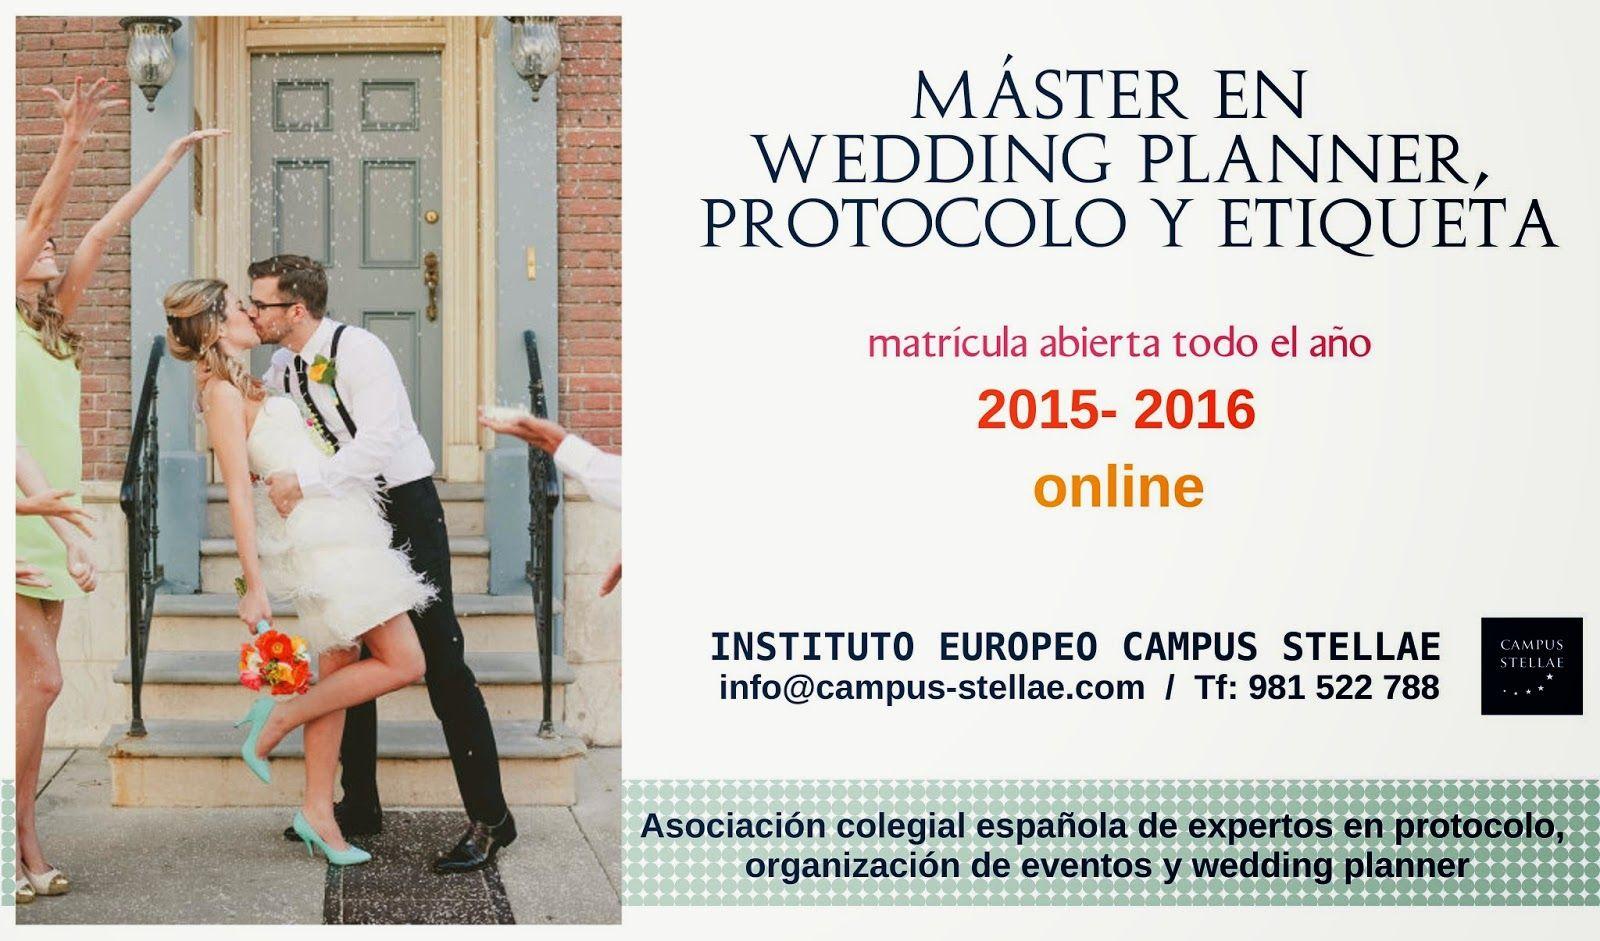 Máster en Protocolo y Organización de Bodas: Wedding Planner. info@campus-stellae.com